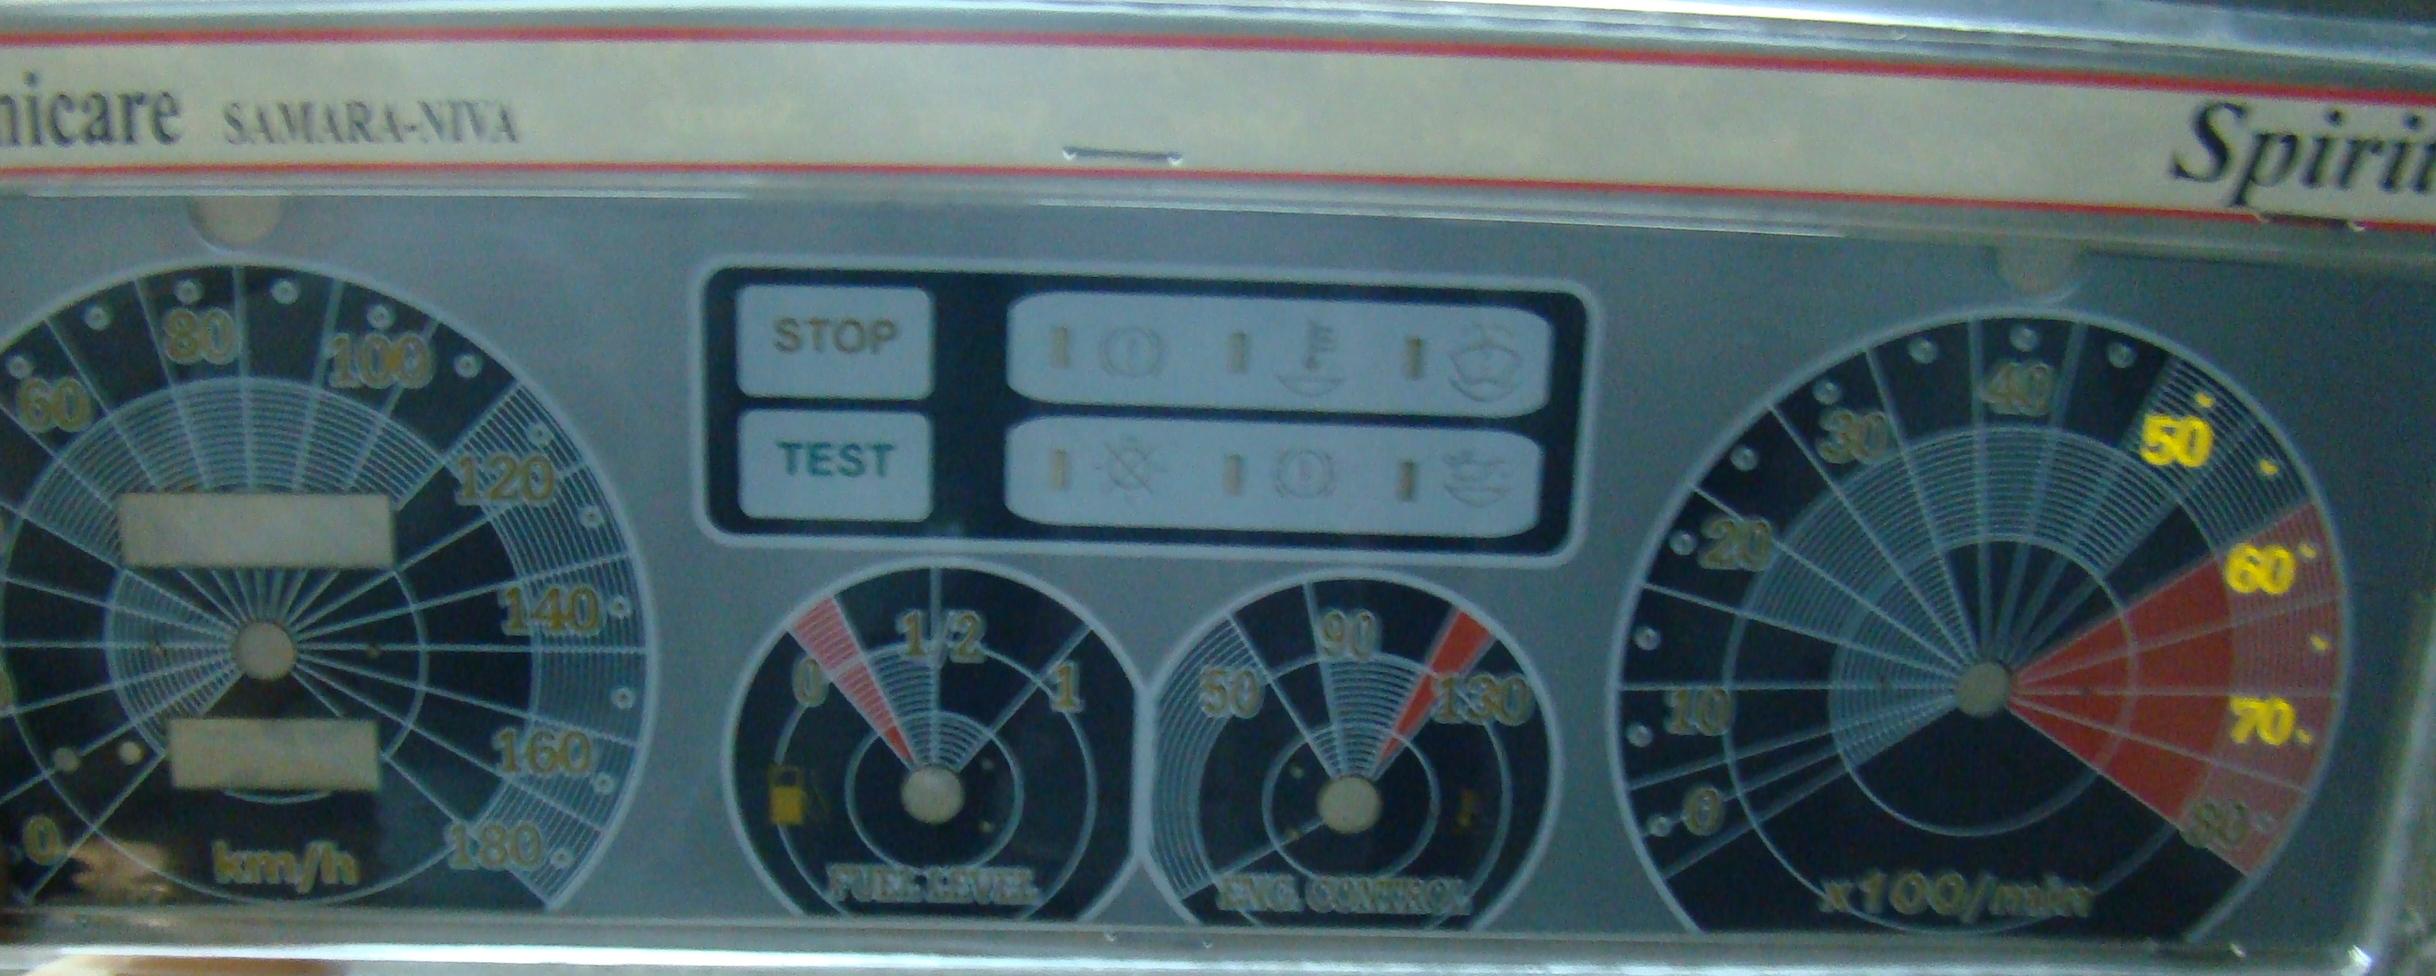 Фото №10 - приборная панель ВАЗ 2110 обозначения кнопок